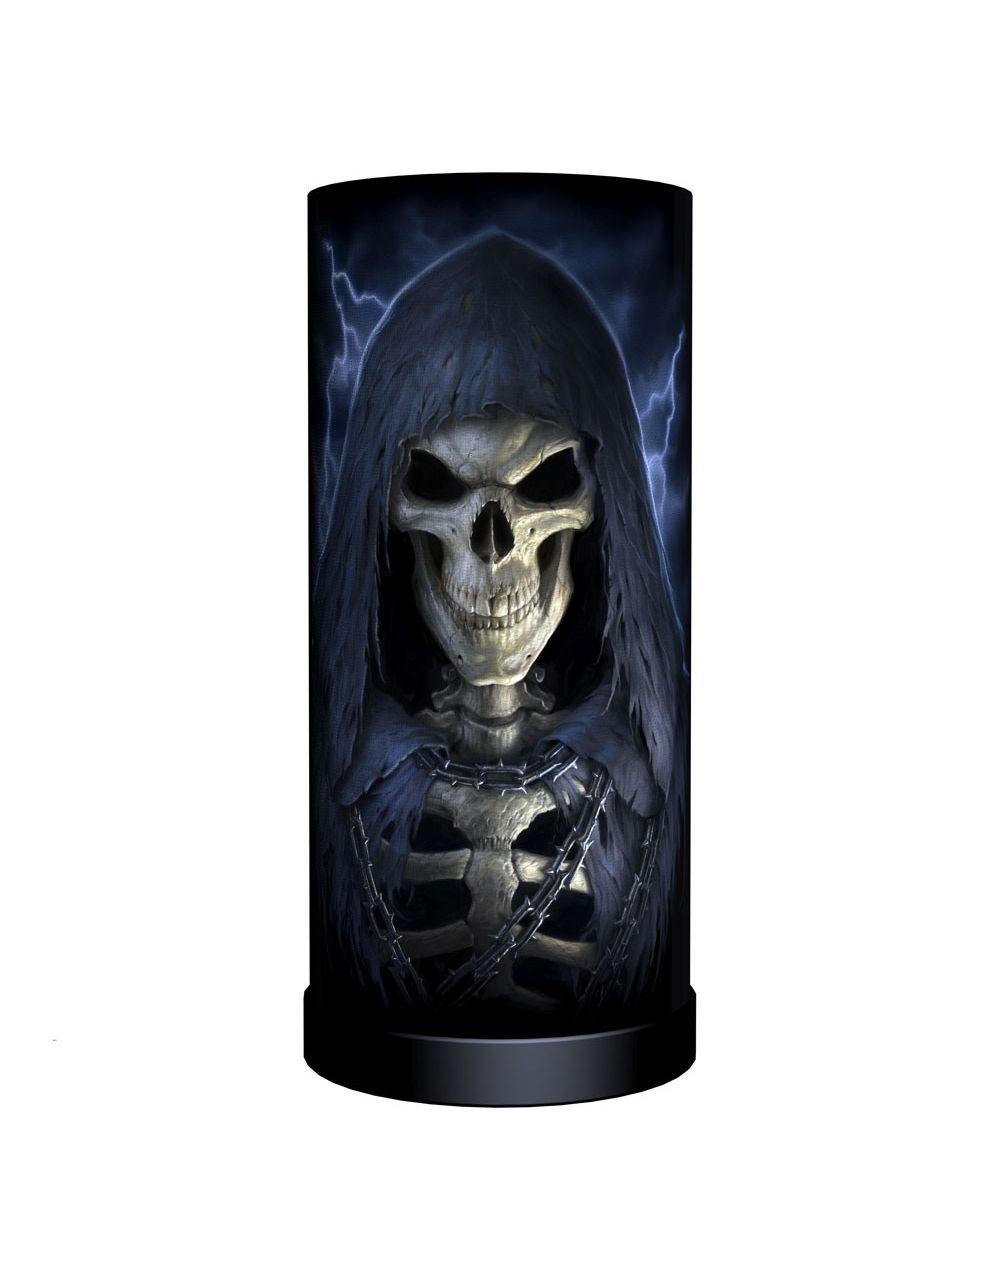 Lampe de chevet gothique design james ryman 39 the reaper round 39 for Lampe de chevet anglais